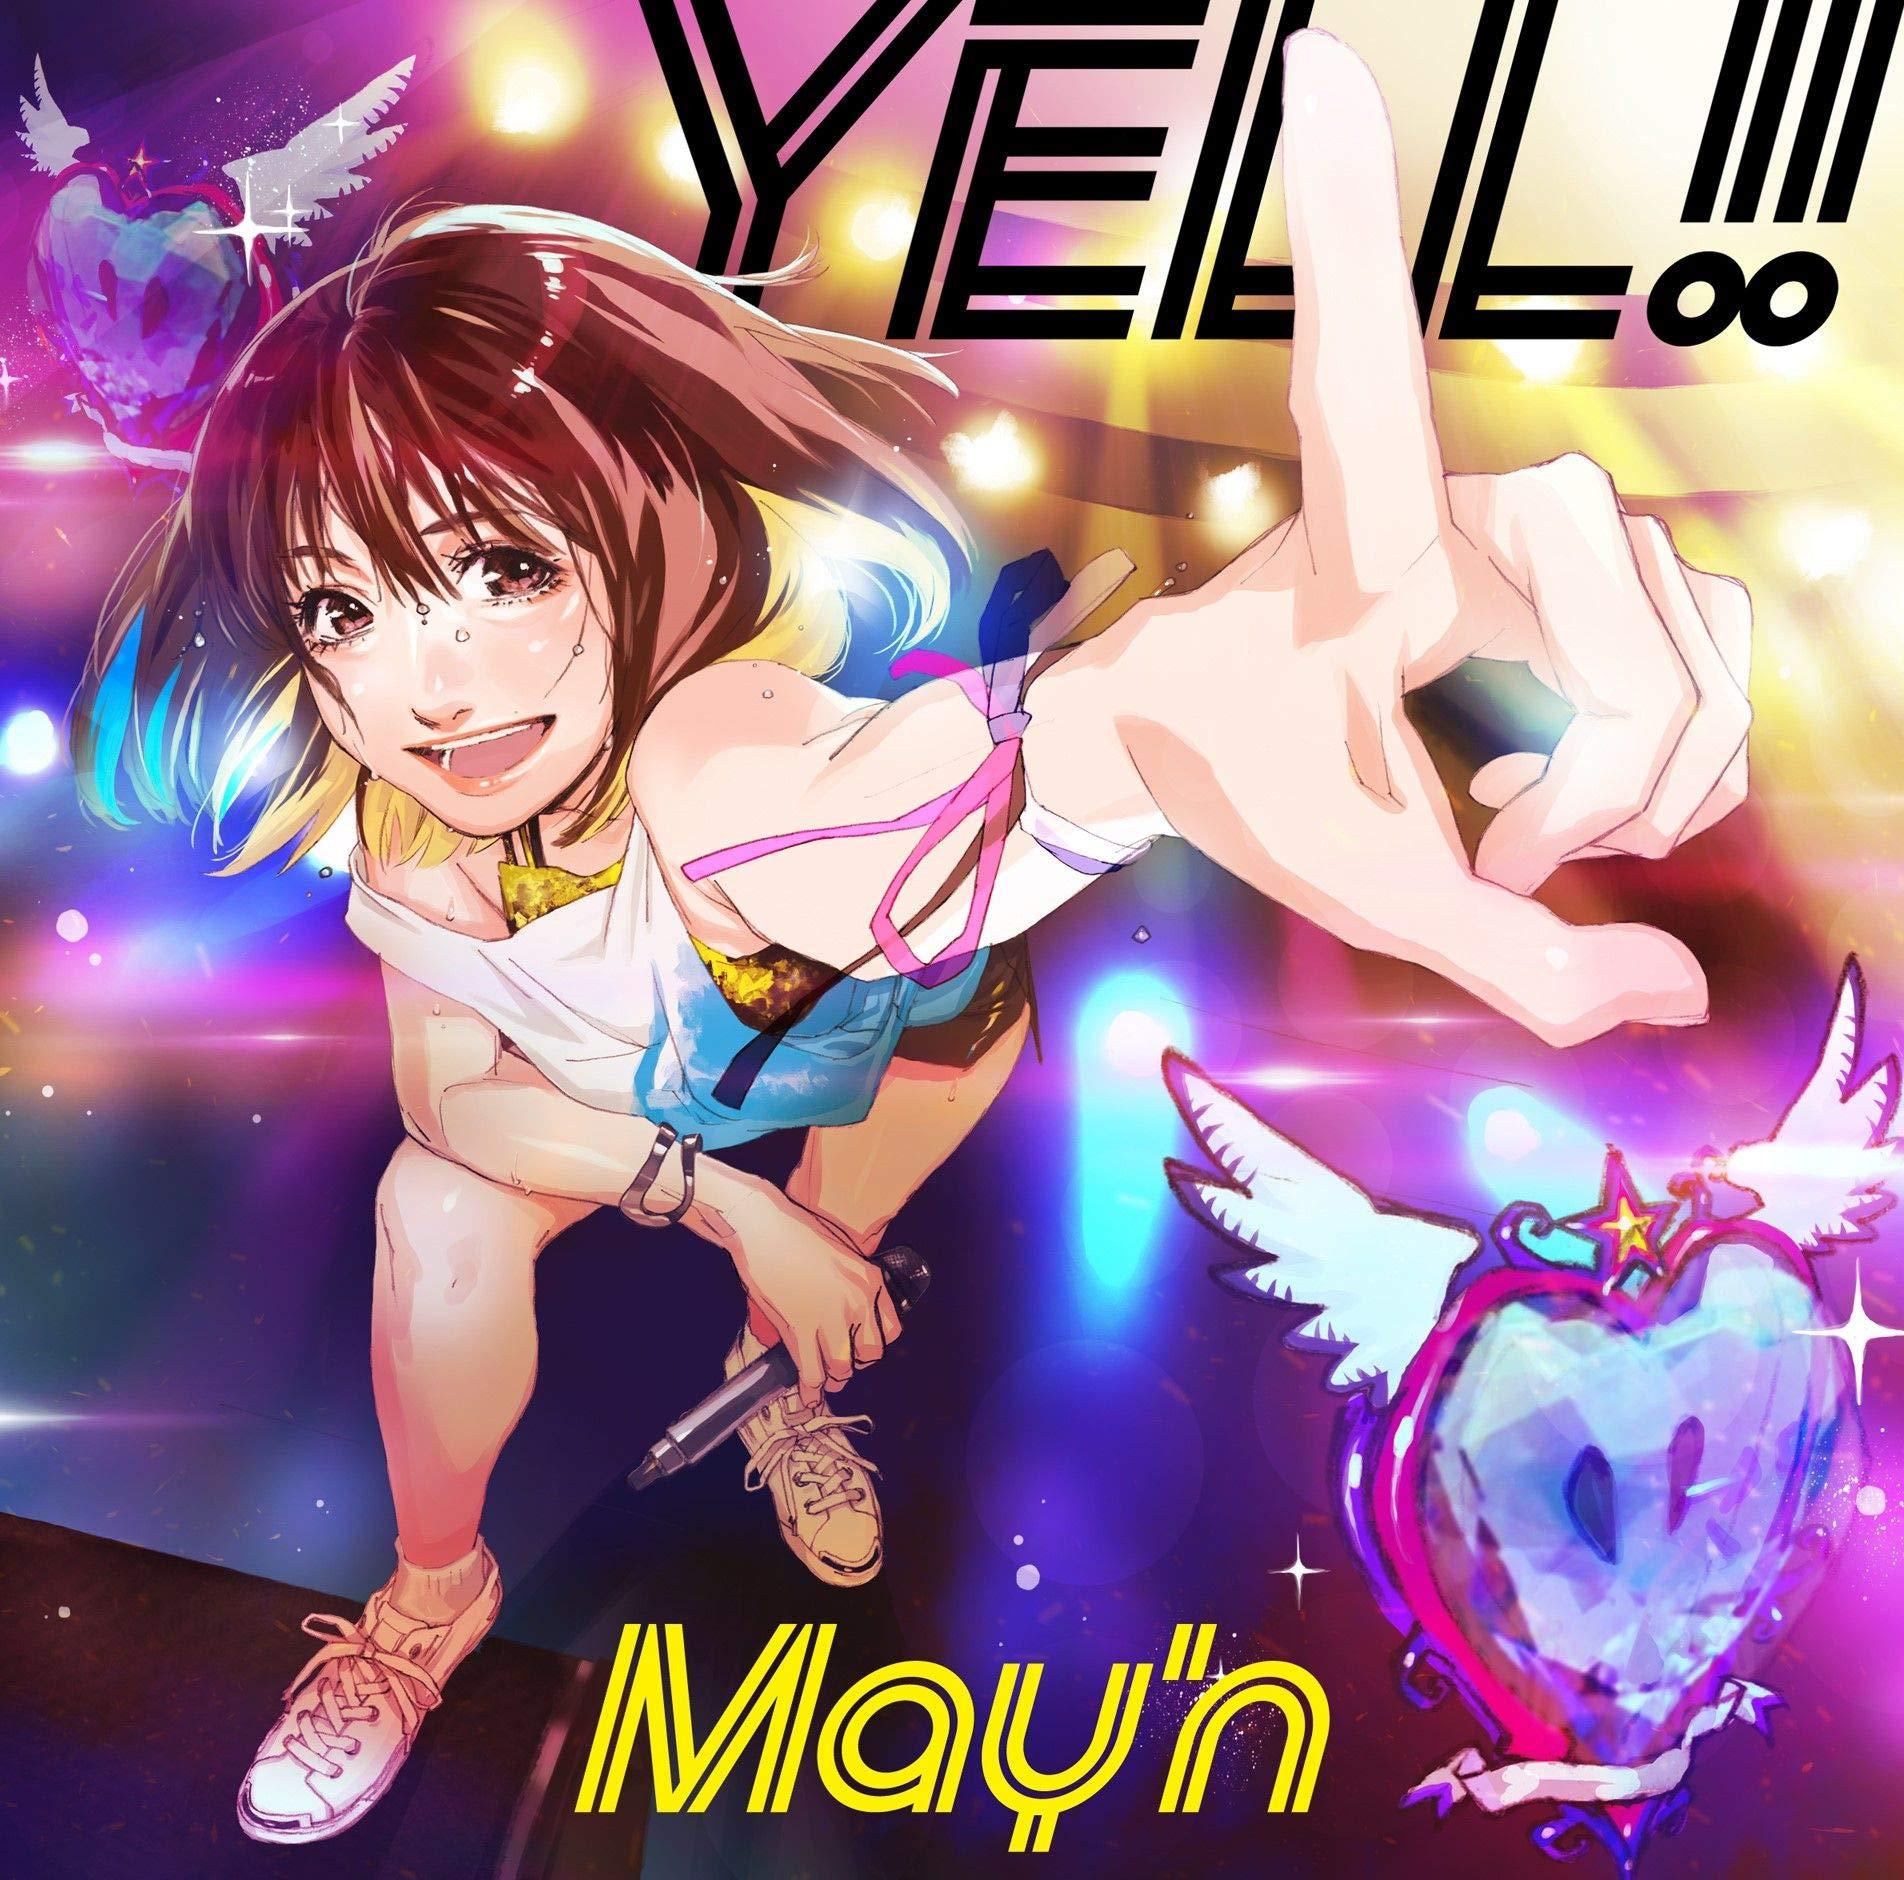 may'n/YELL!!